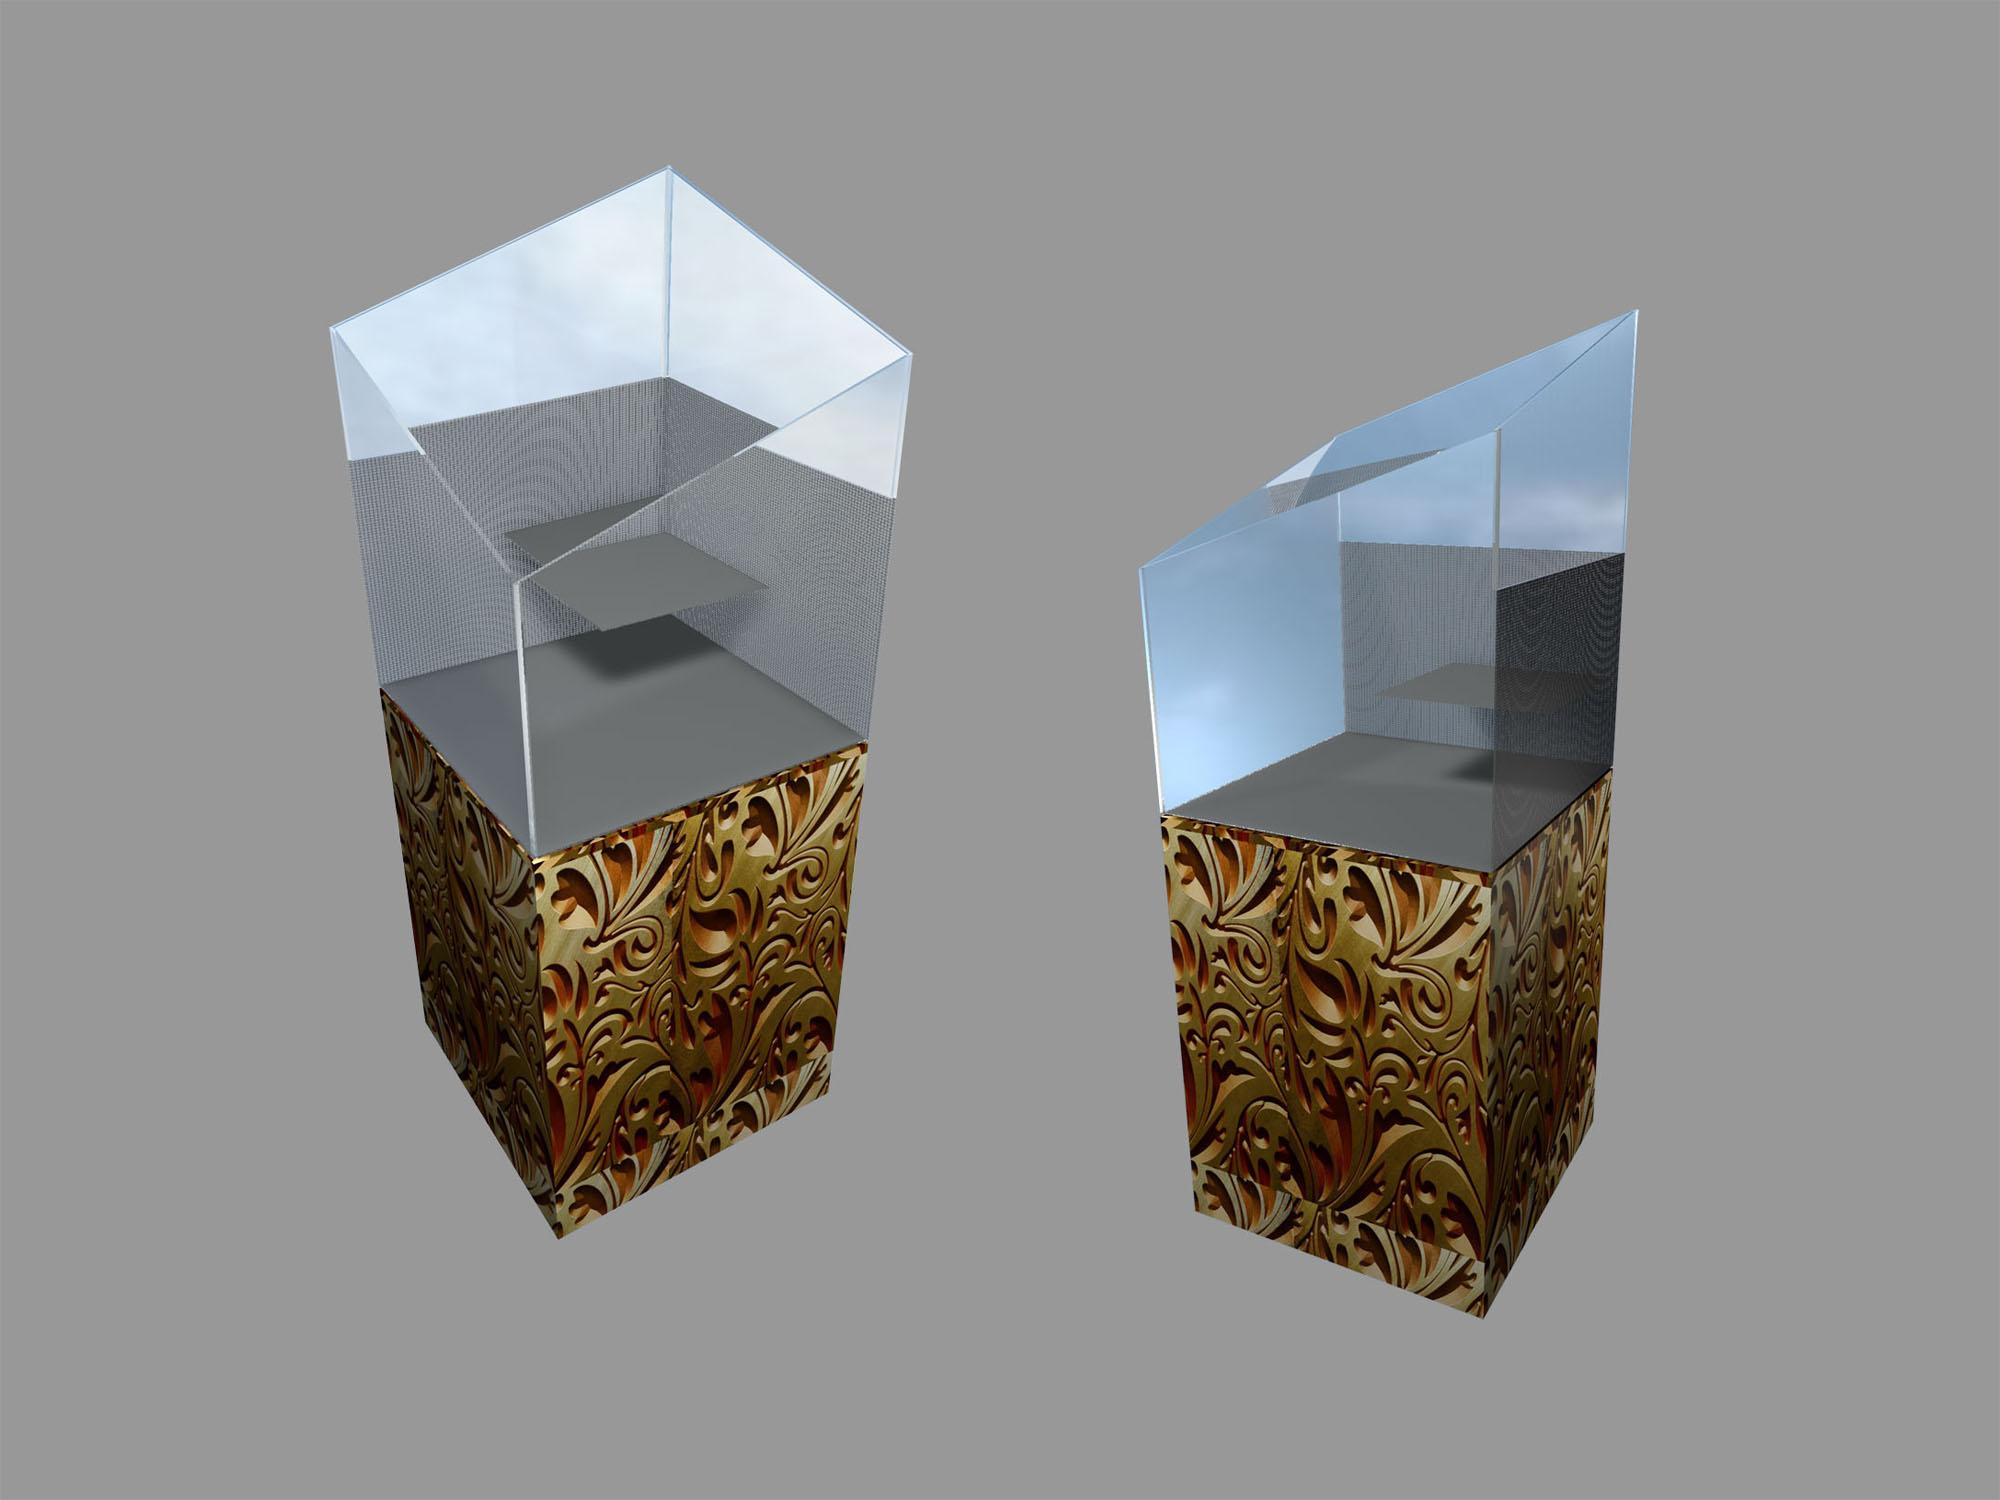 Дизайн конструкции для размещения в ней живого соболя фото f_63256fccde325635.jpg